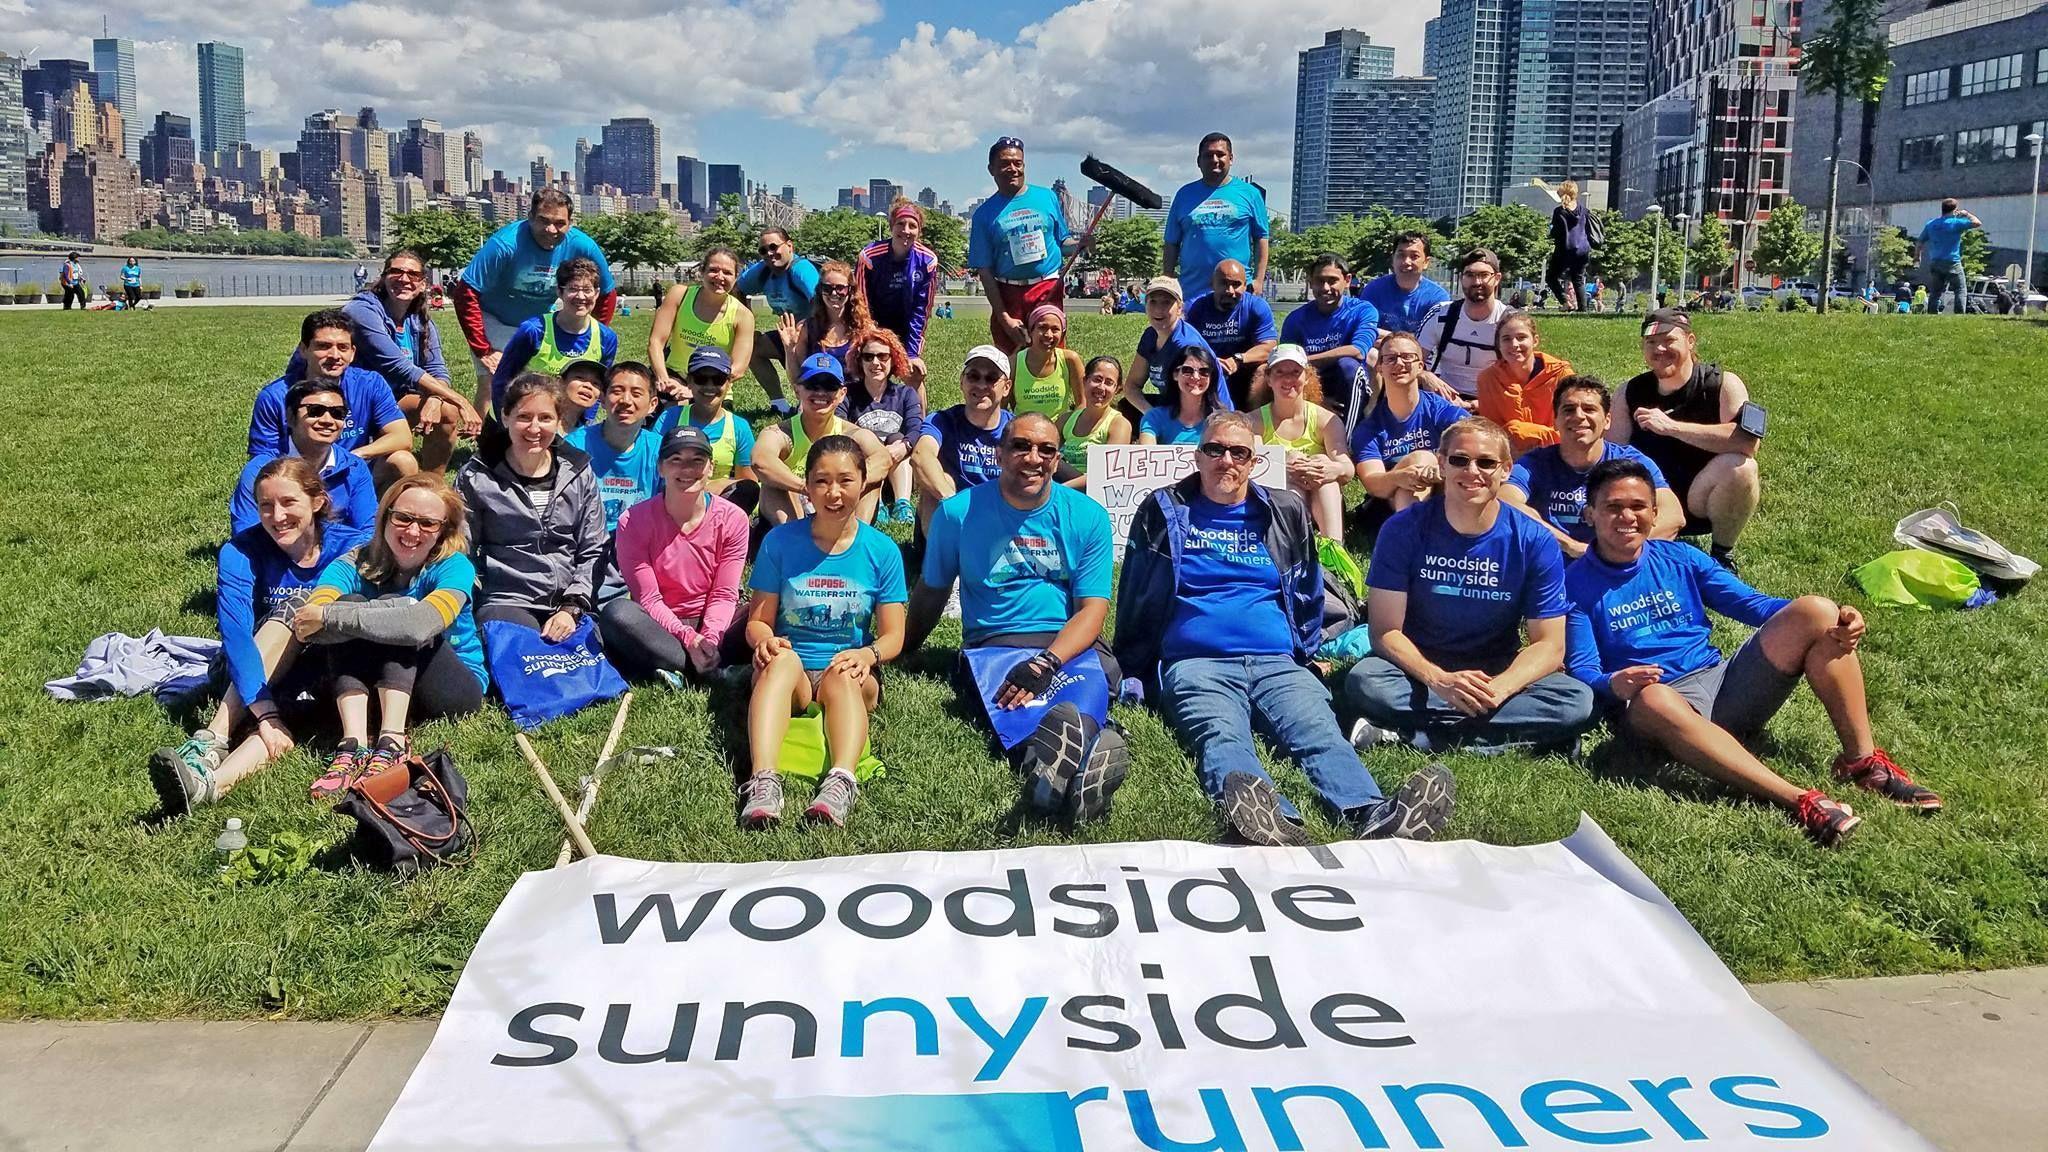 Woodside - Sunnyside Runners